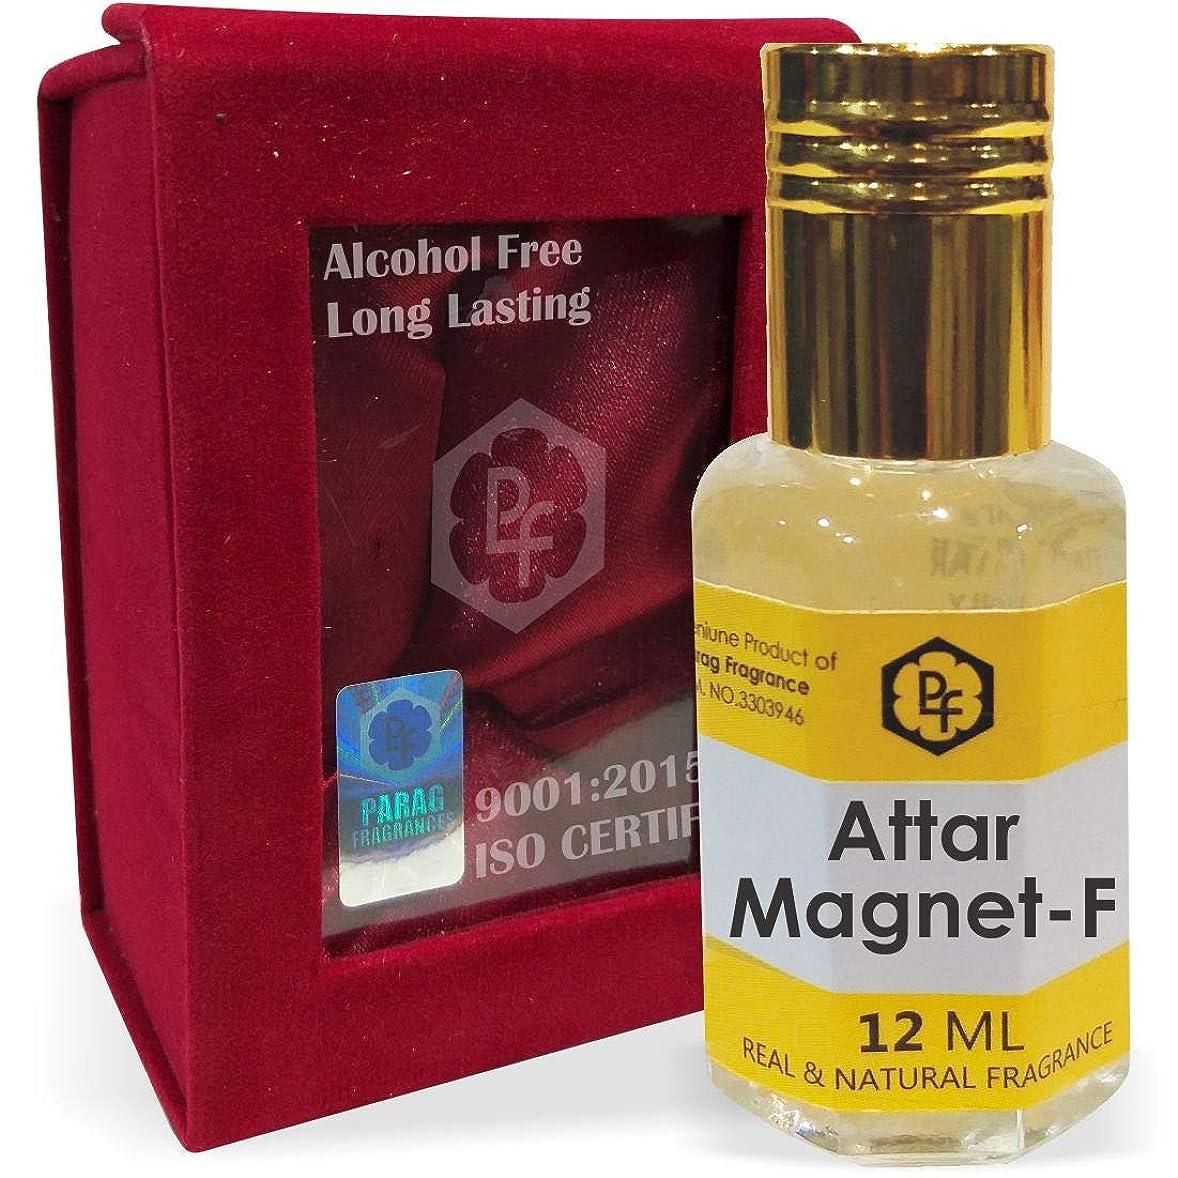 トーナメント先のことを考えるフィードバックParagフレグランスマグネット-F 12ミリリットルのアター/手作りベルベットボックス香油/(インドの伝統的なBhapka処理方法により、インド製)フレグランスオイル|アターITRA最高の品質長持ち